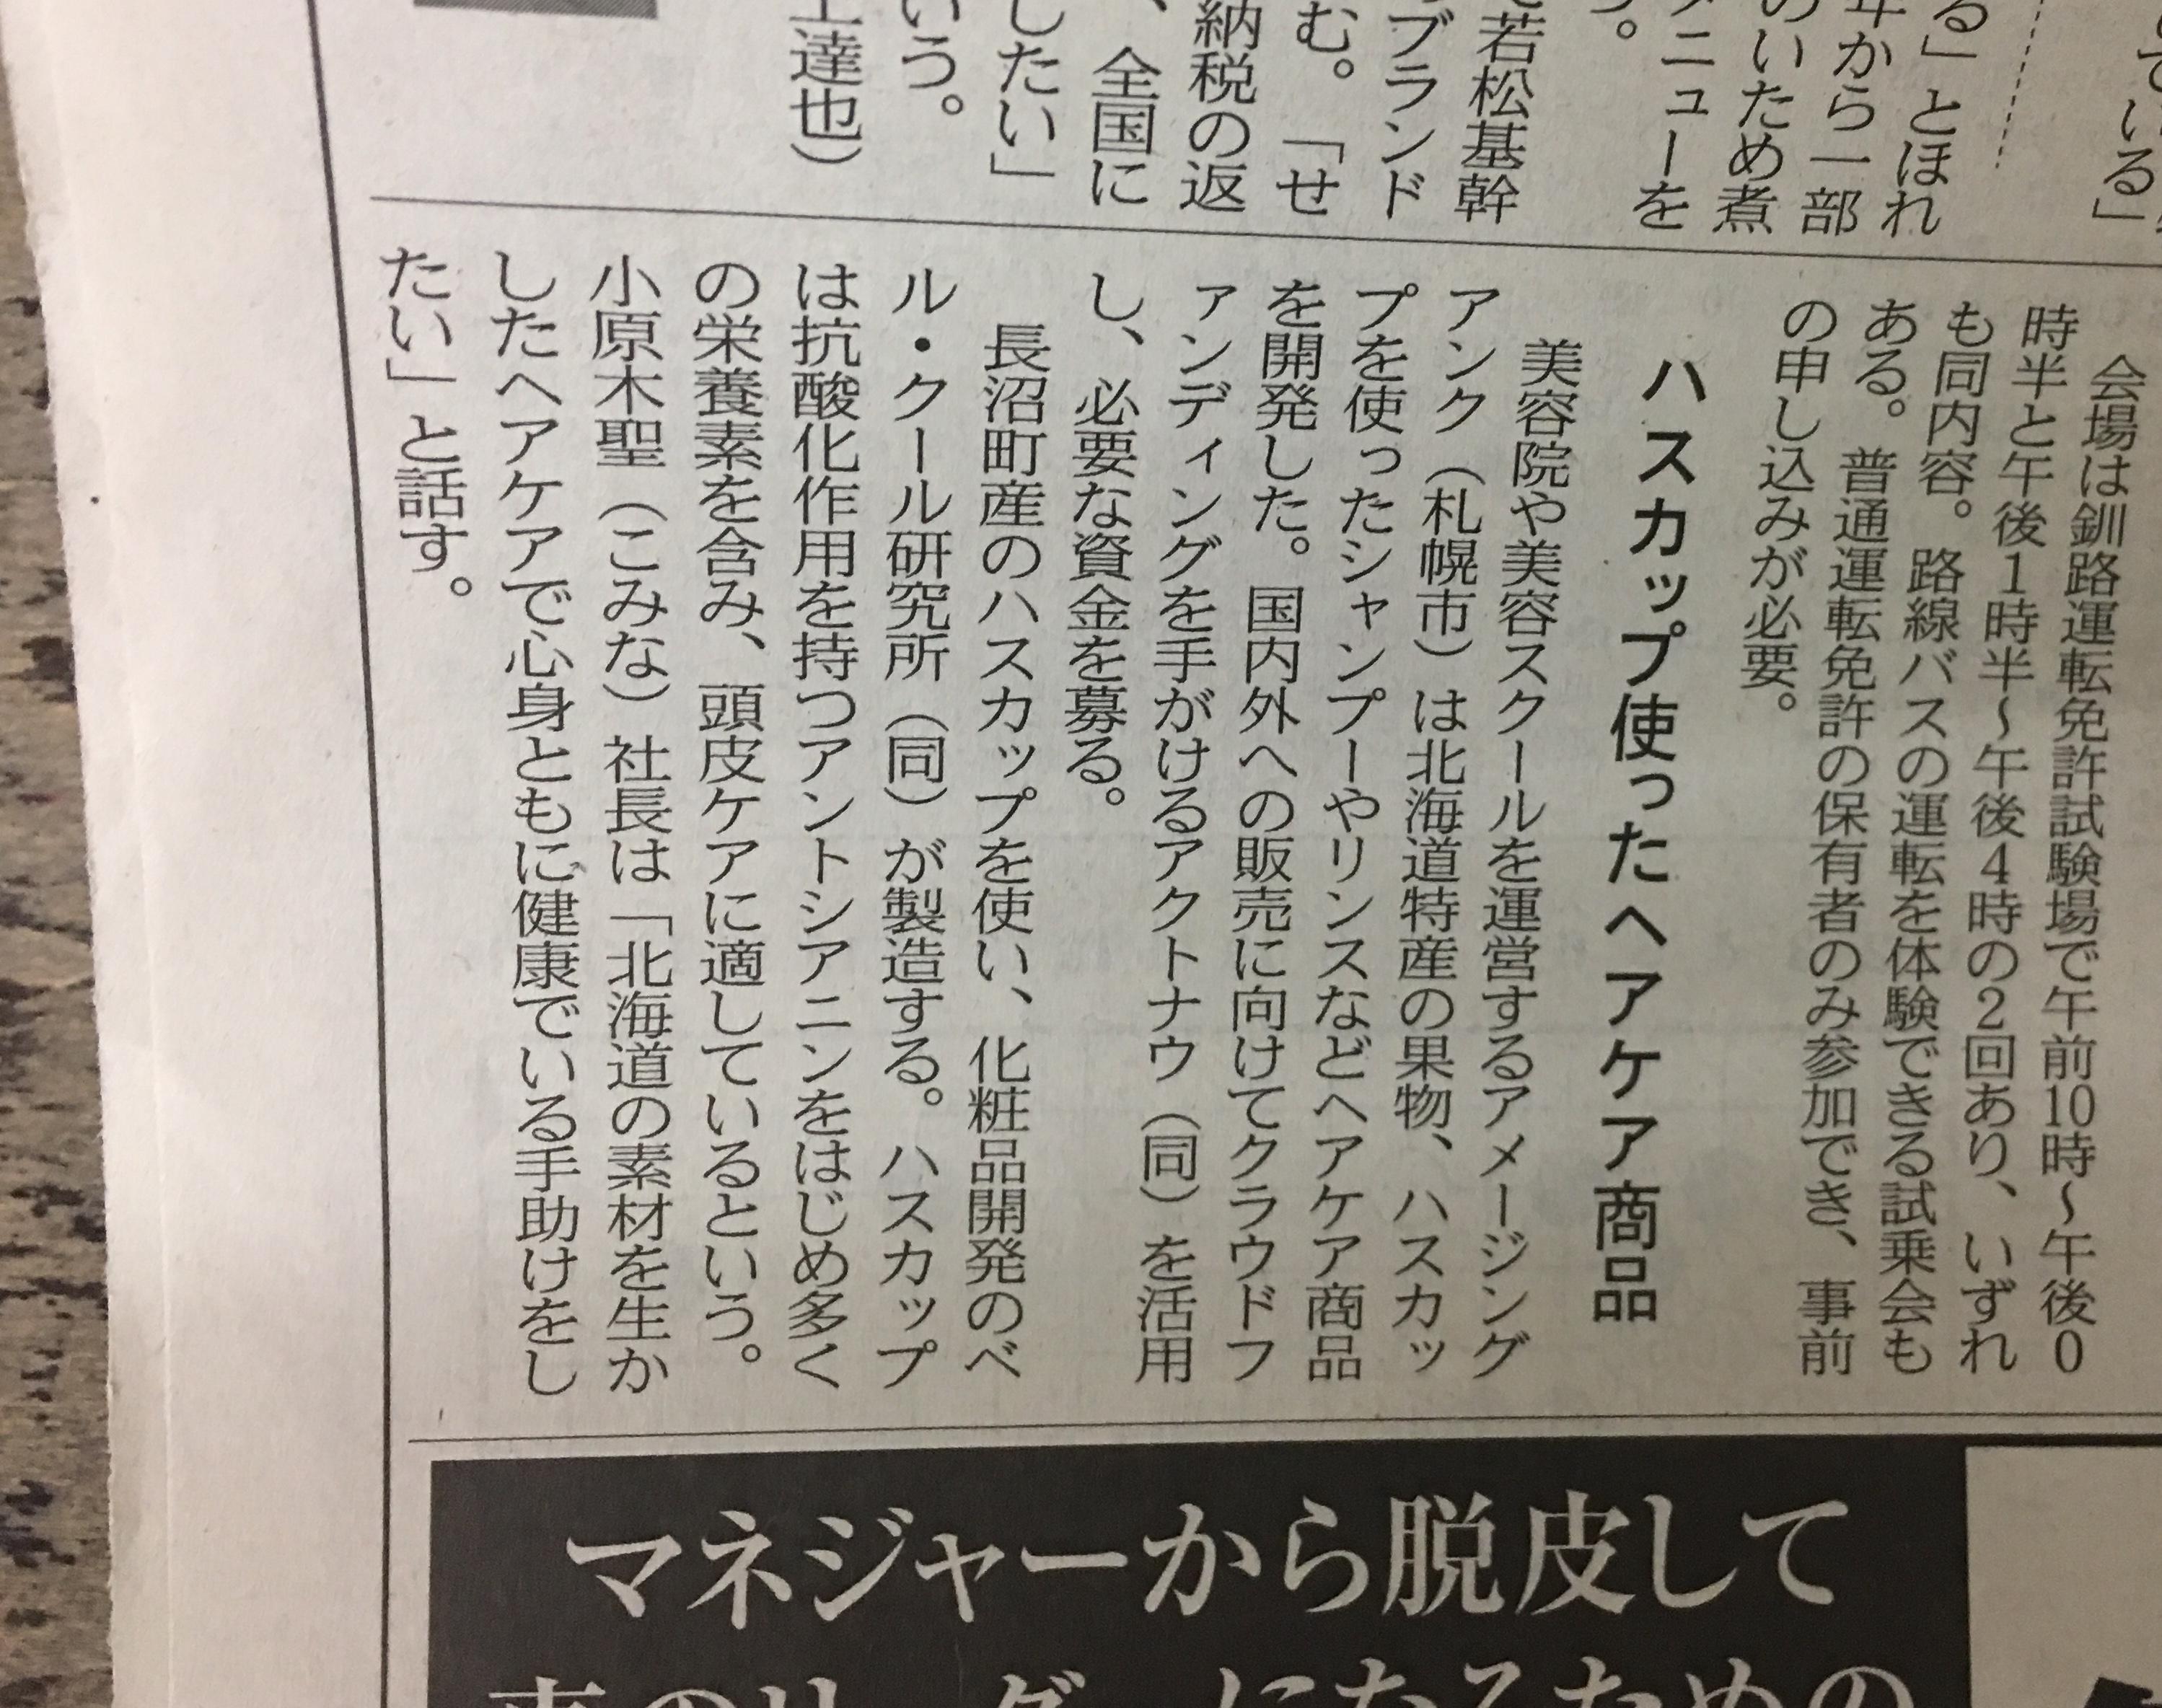 日経新聞 ハスカップビューティー http://www.ankh-jp.com